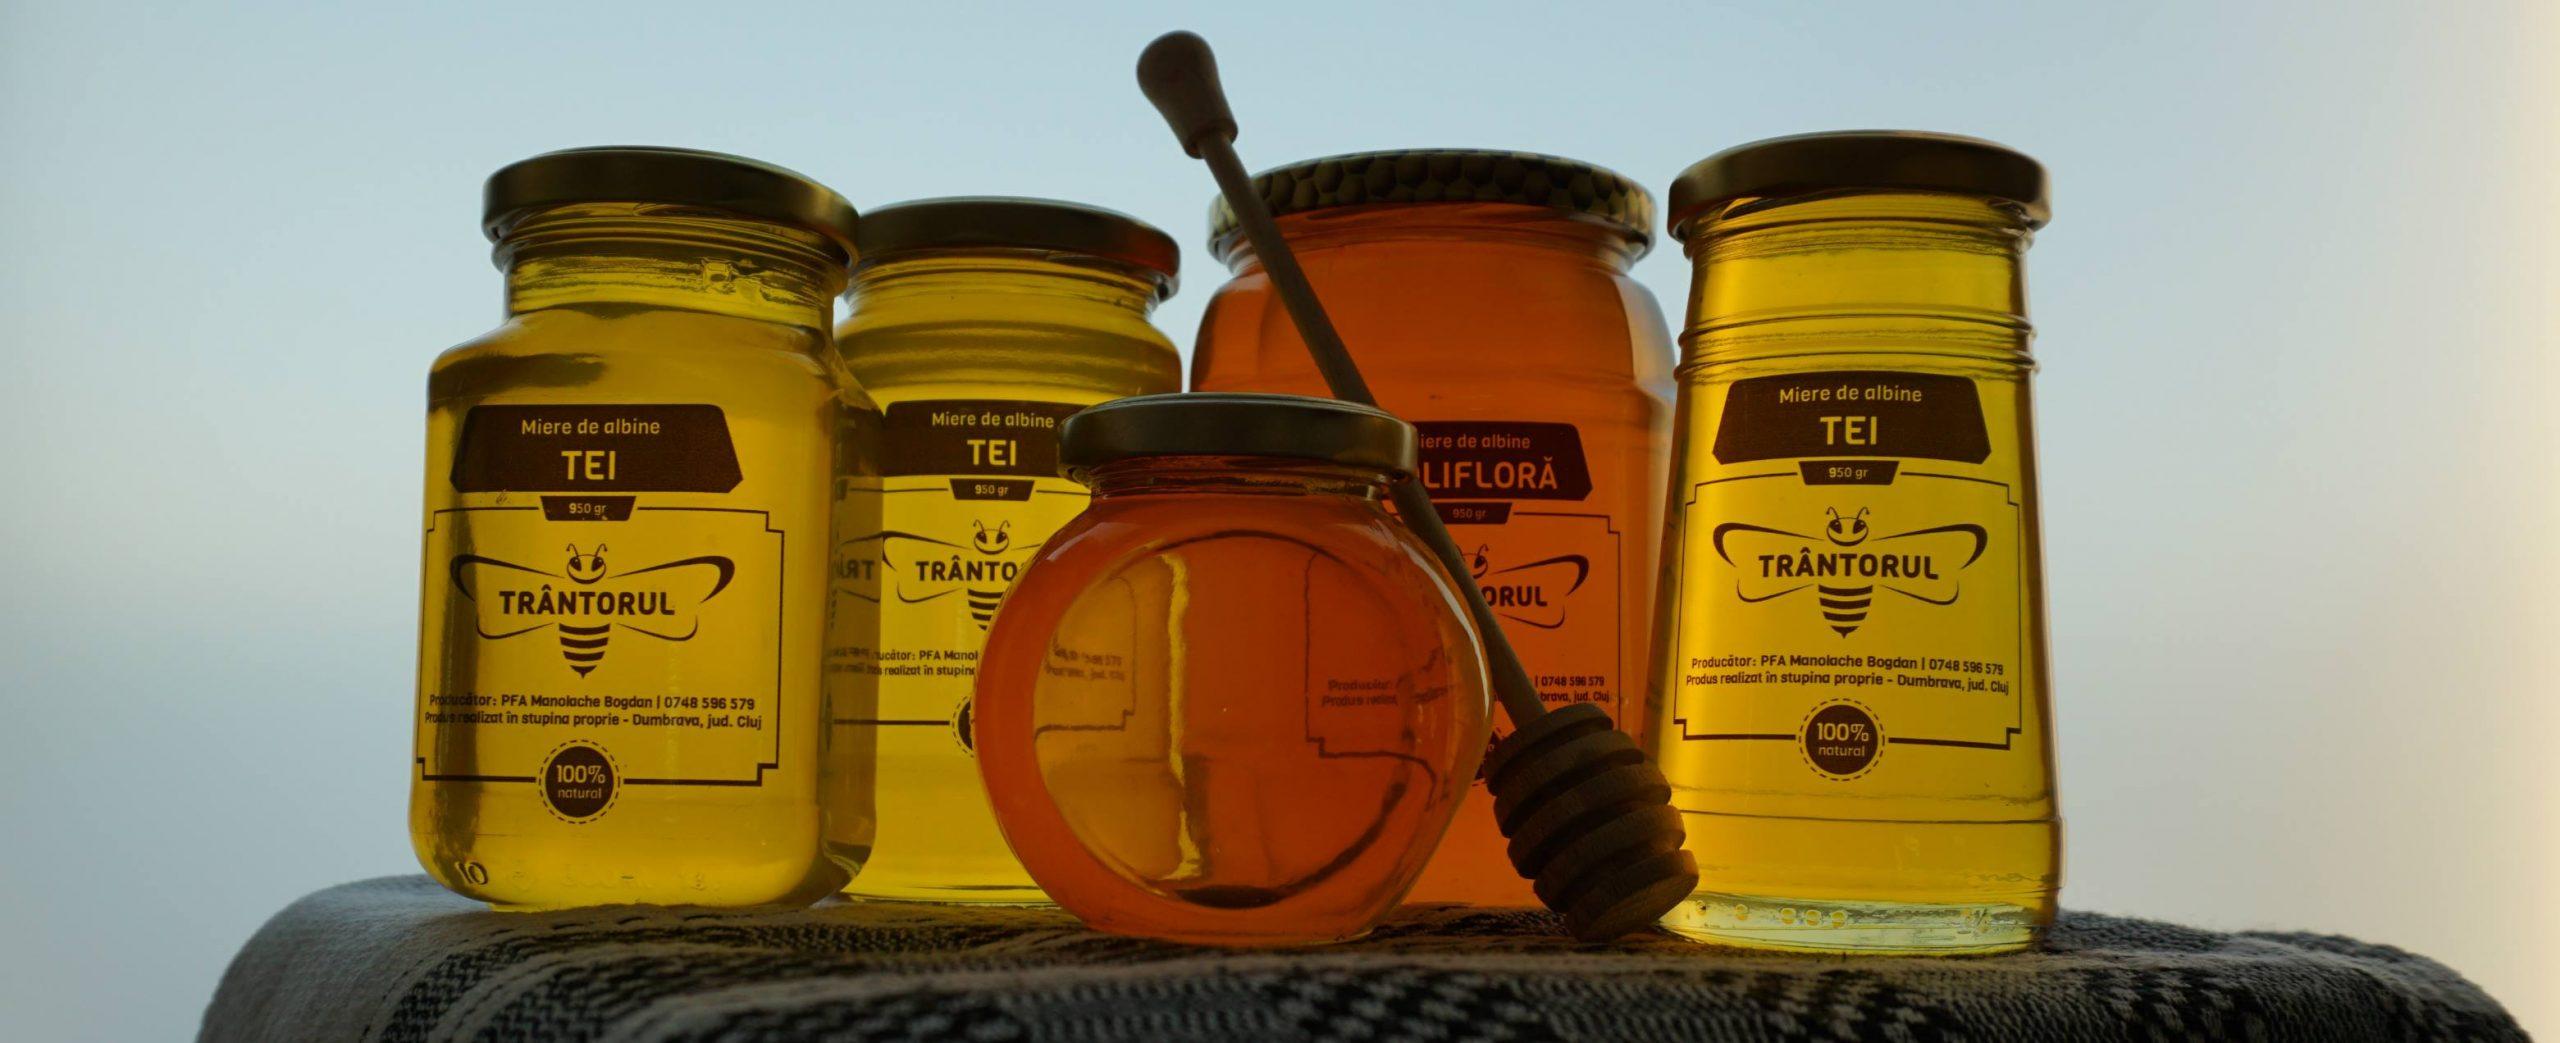 Trântorul - Miere de albine